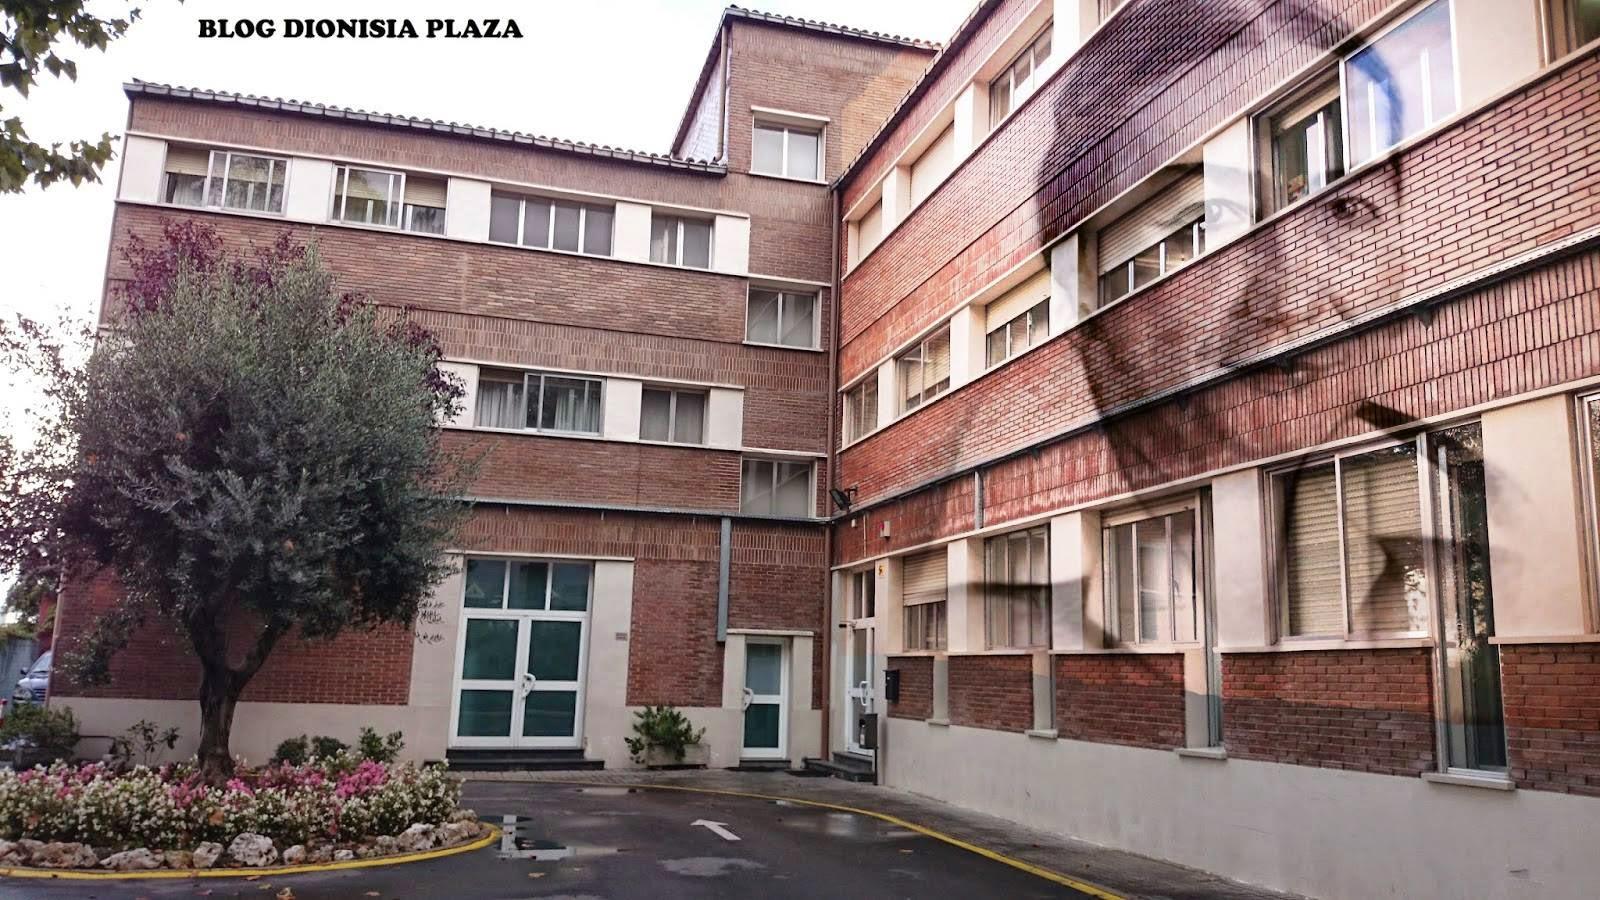 Dionisia Plaza - Fundadora del centro